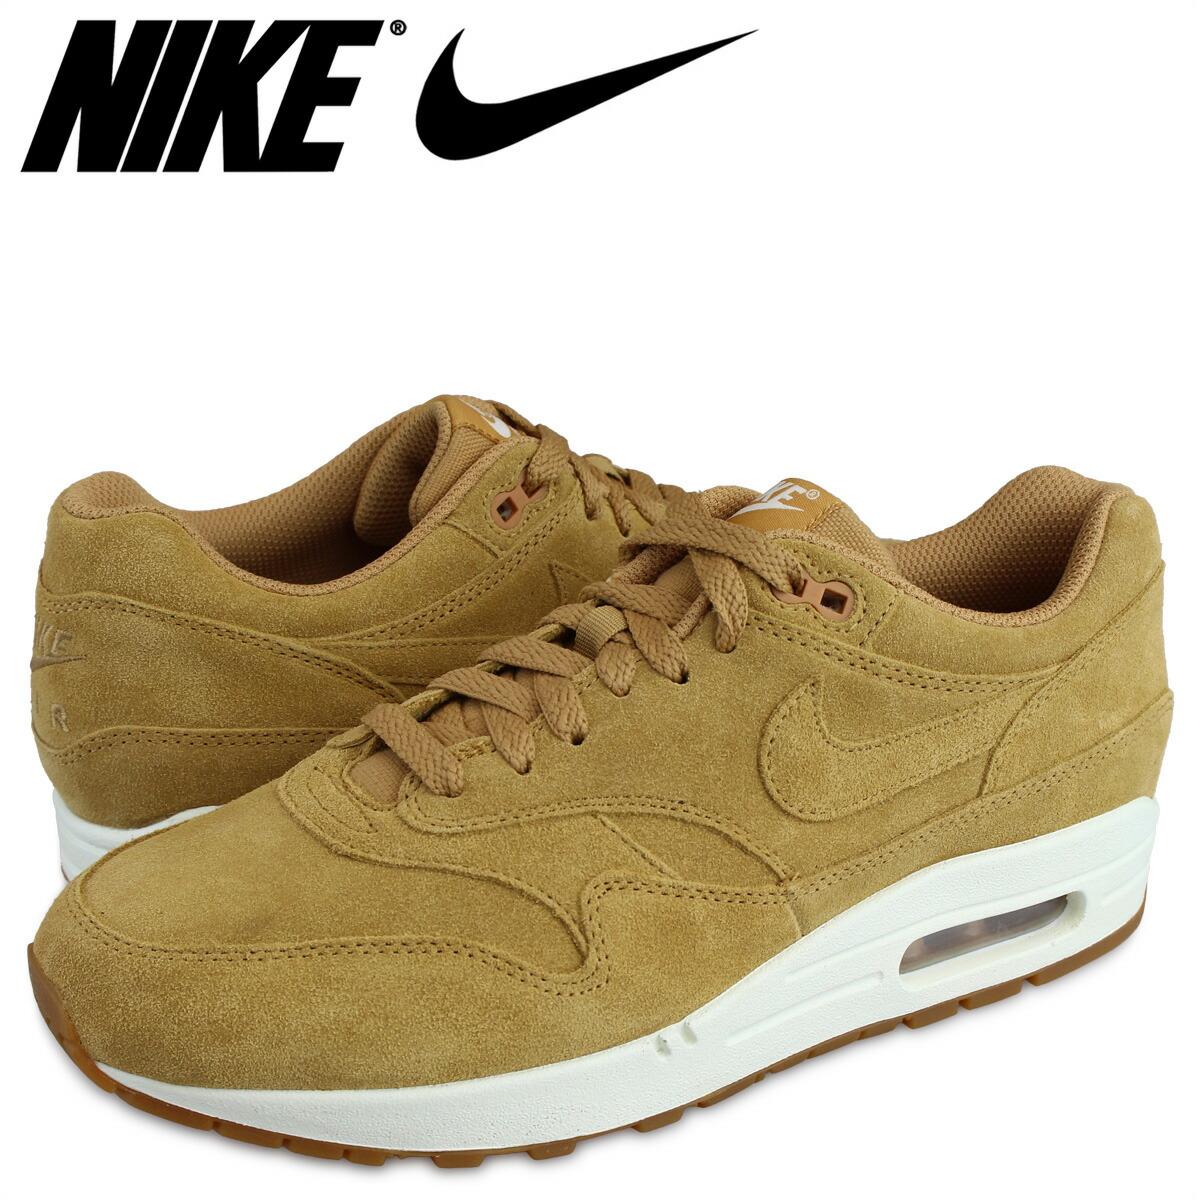 Nike NIKE Air Max 1 premium sneakers AIR MAX 1 PREMIUM WHEAT 875,844 203 men's light brown